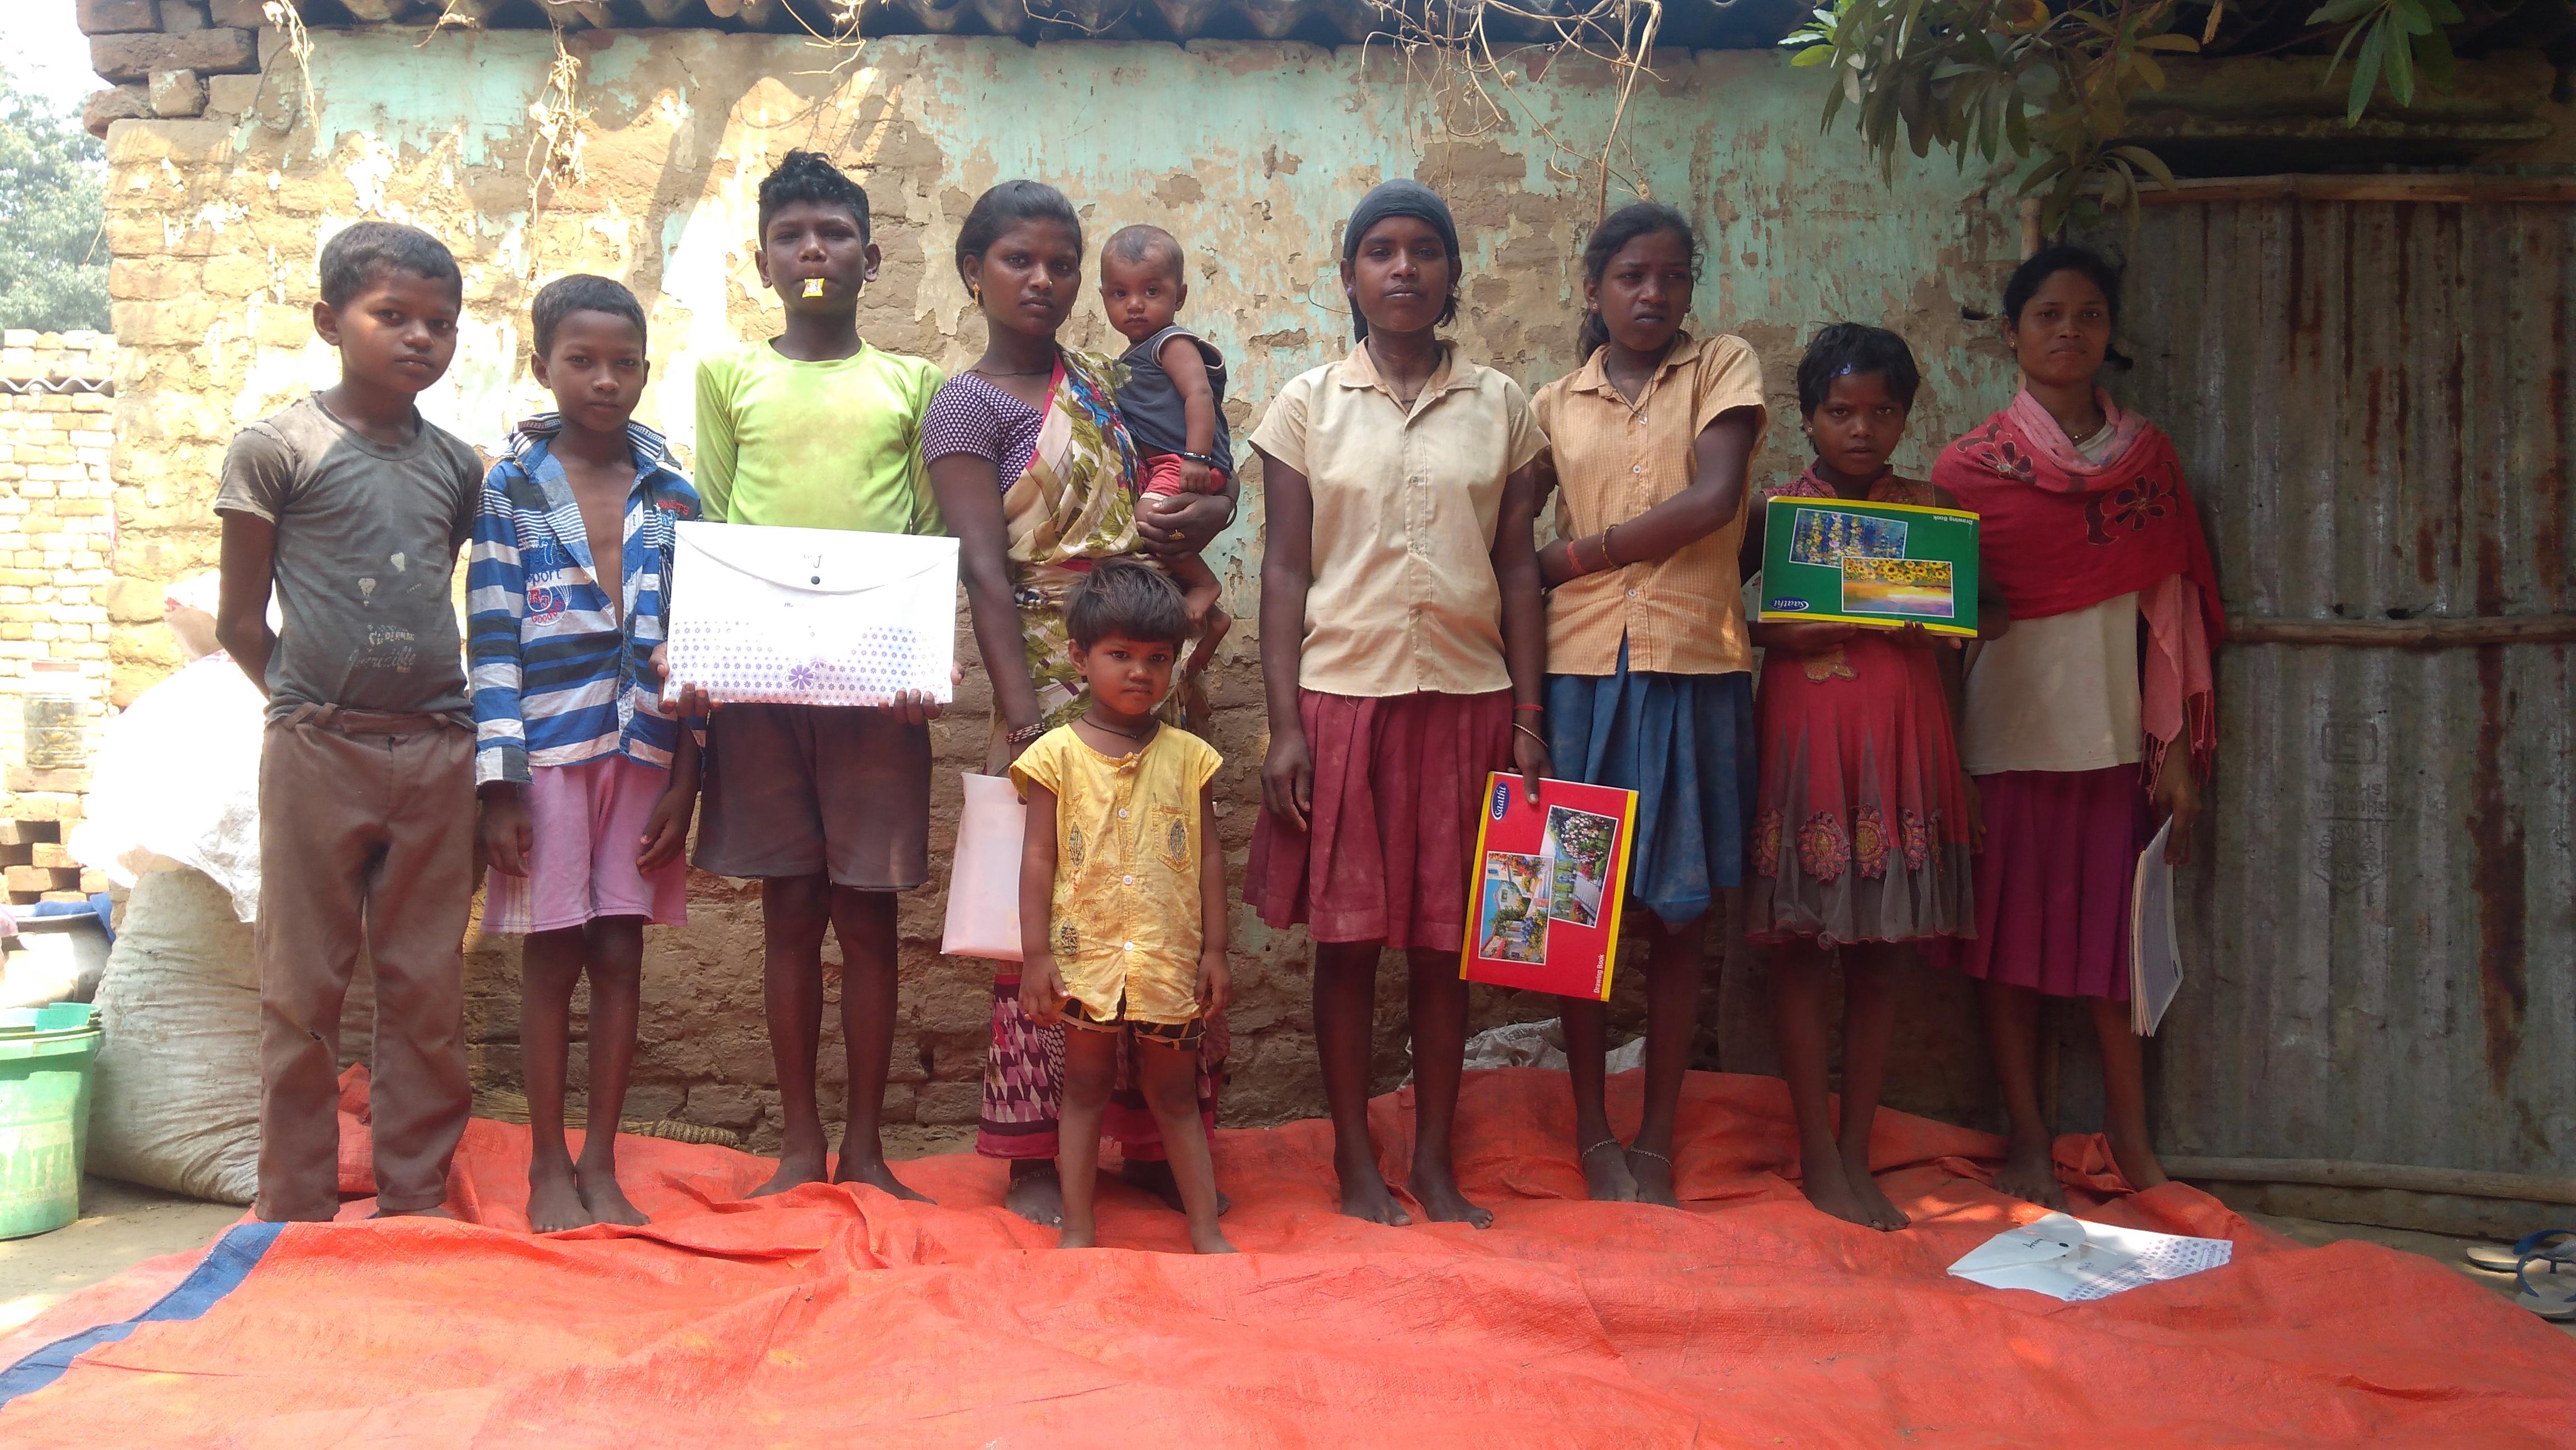 Surkhee project participants